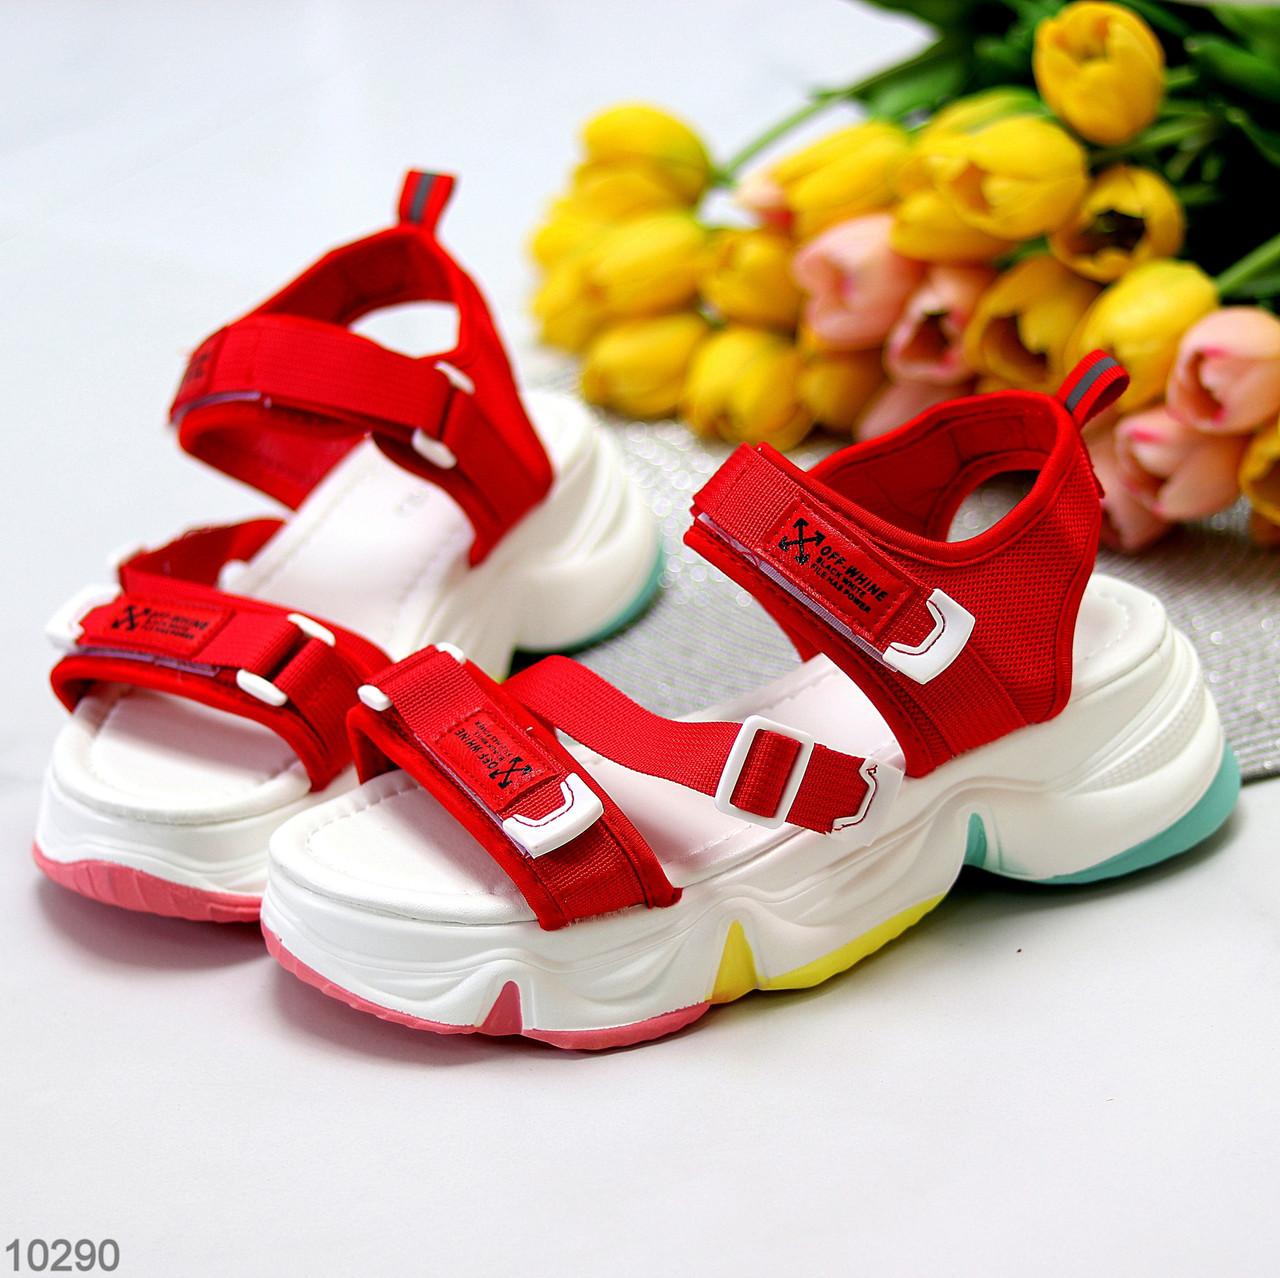 Босоножки спортивные женские красные эко кожа+ текстиль